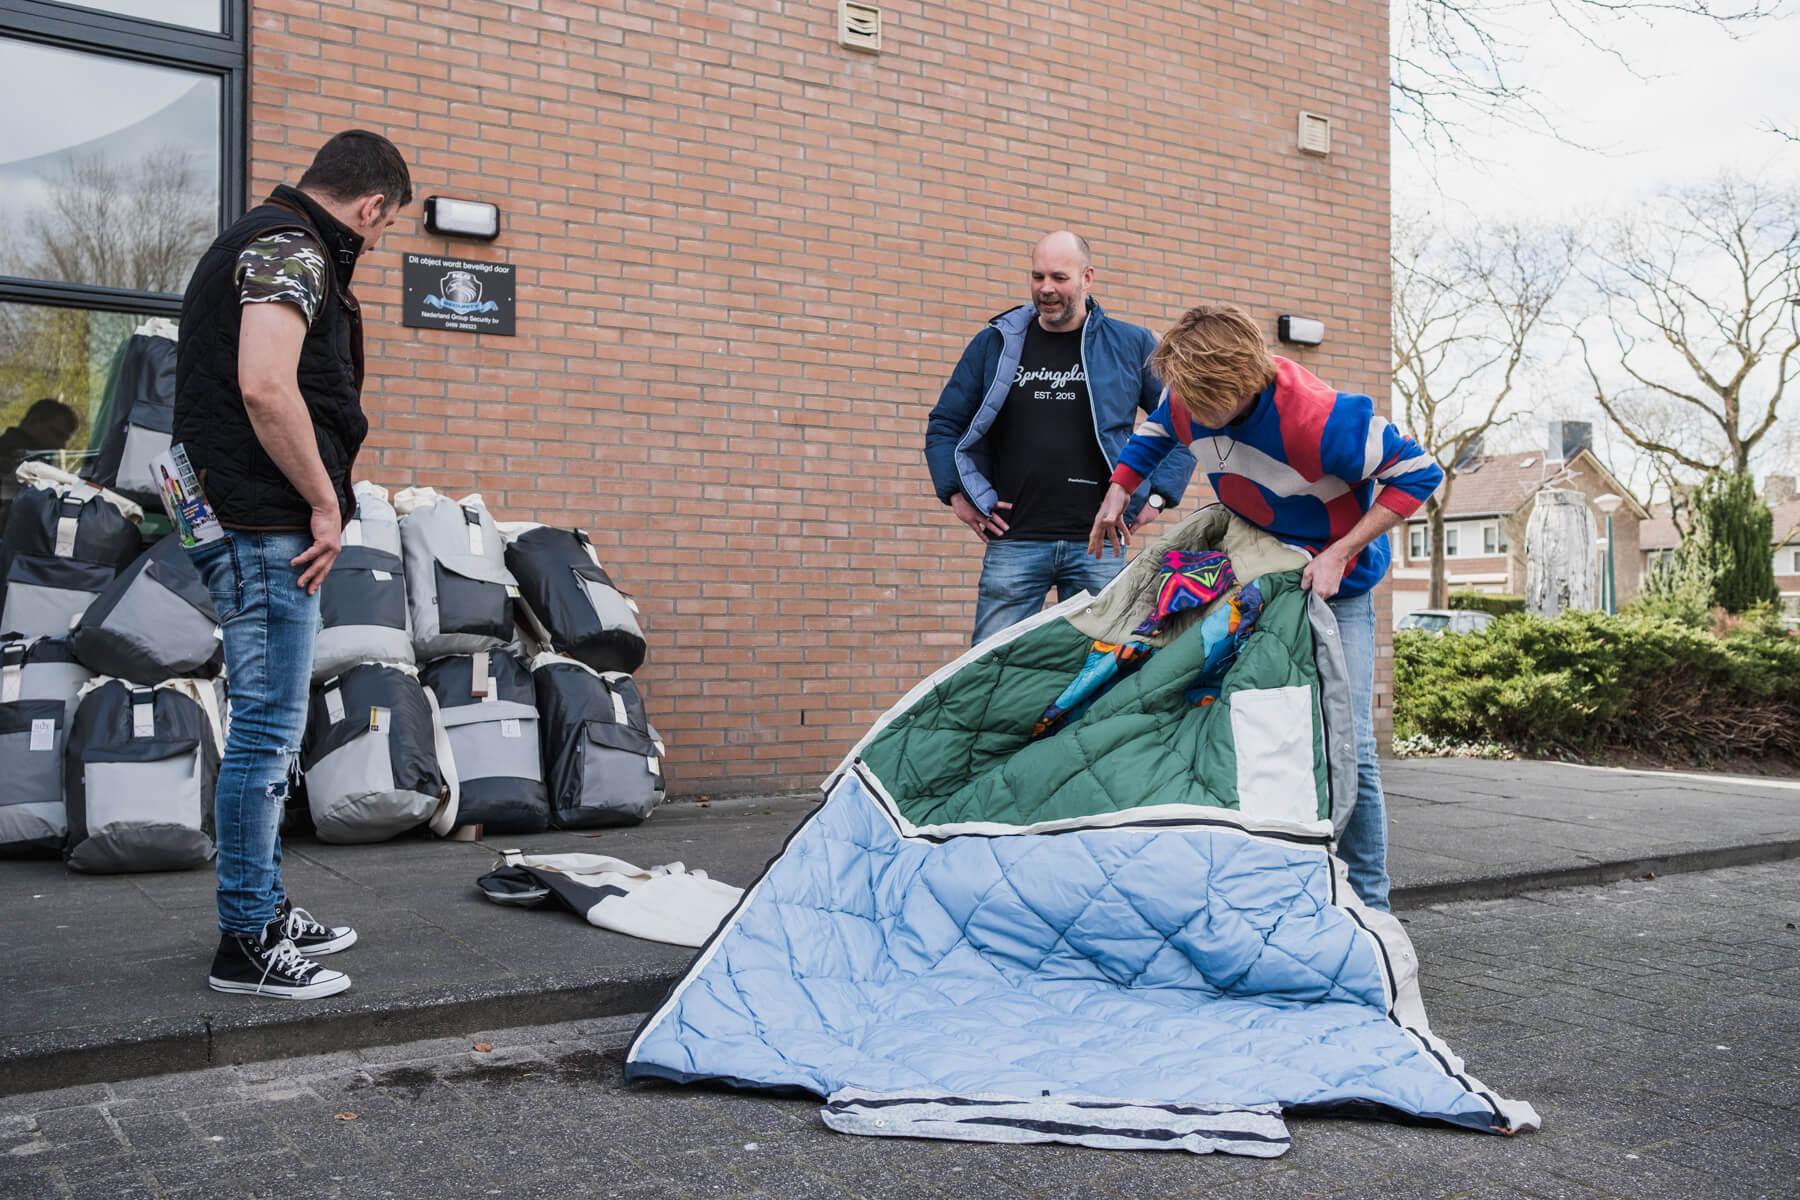 Het werk van Sheltersuit is mogelijk met hulp van daklozenorganisaties